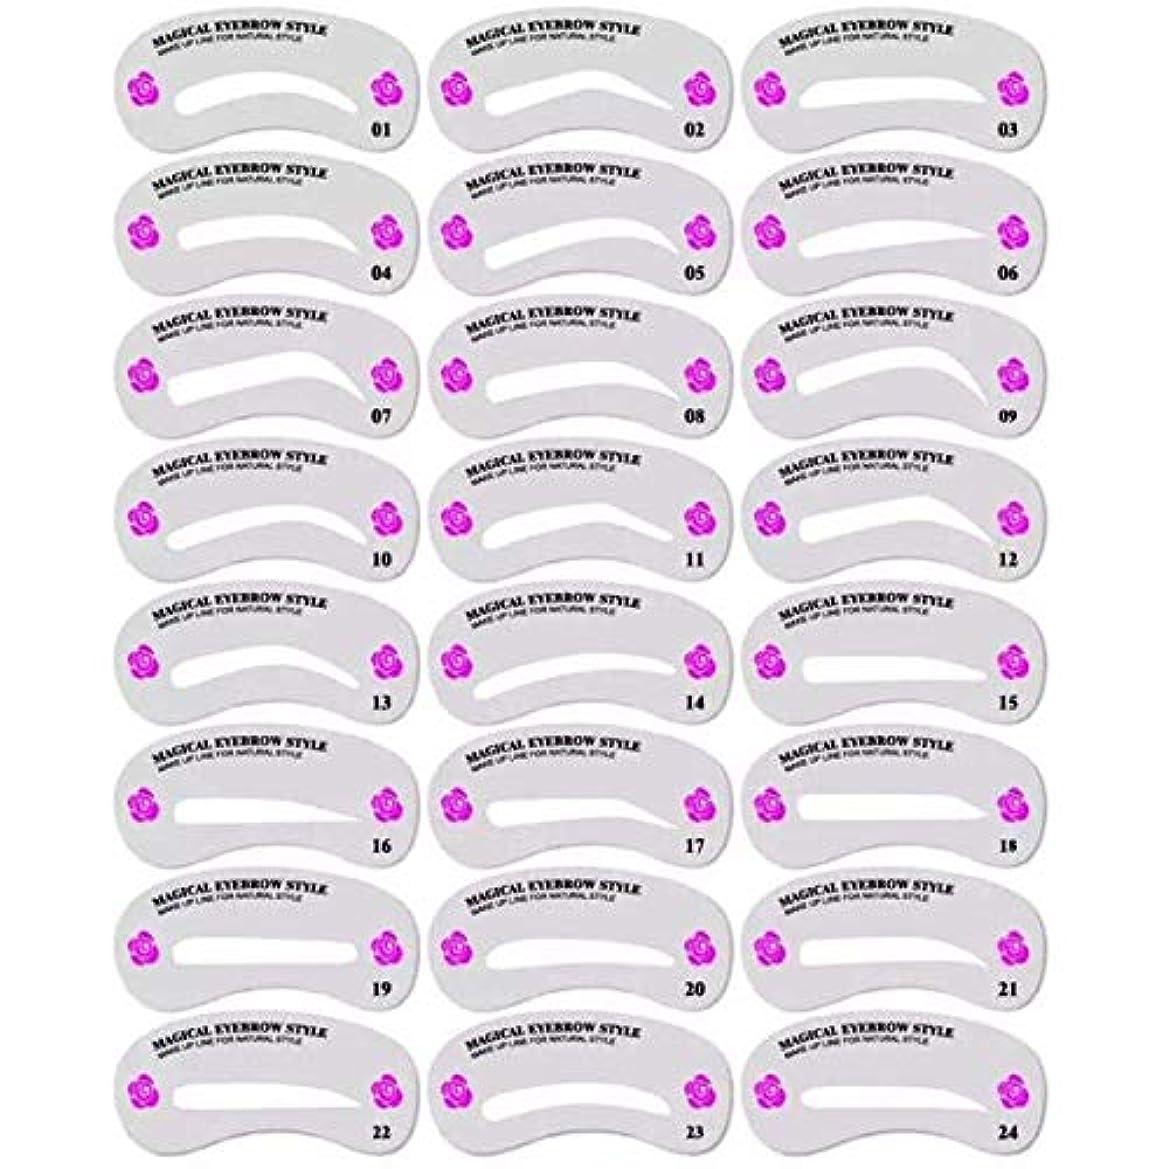 仮説覚醒感謝眉毛テンプレート 24種類 美容ツール メイクアップ ガイド 眉毛を気分で使い分け 男女兼用 (24枚セット)